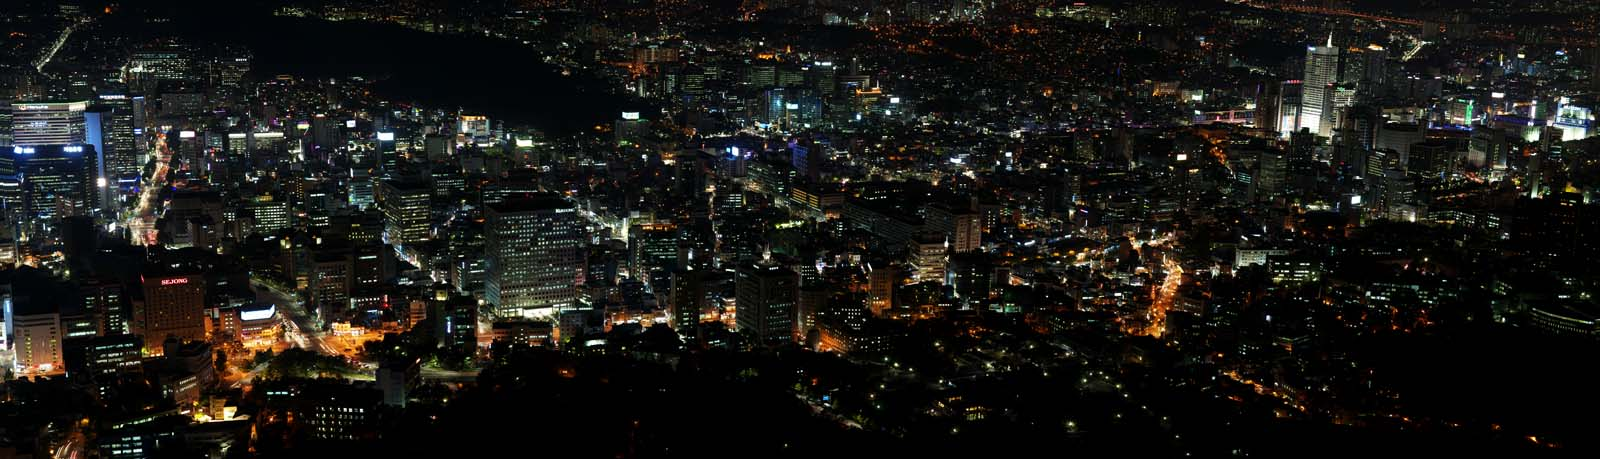 fotografia, material, livra, ajardine, imagine, proveja fotografia,Uma vis�o noturna de Seul, construindo, N�on, vis�o noturna, Ilumina��o